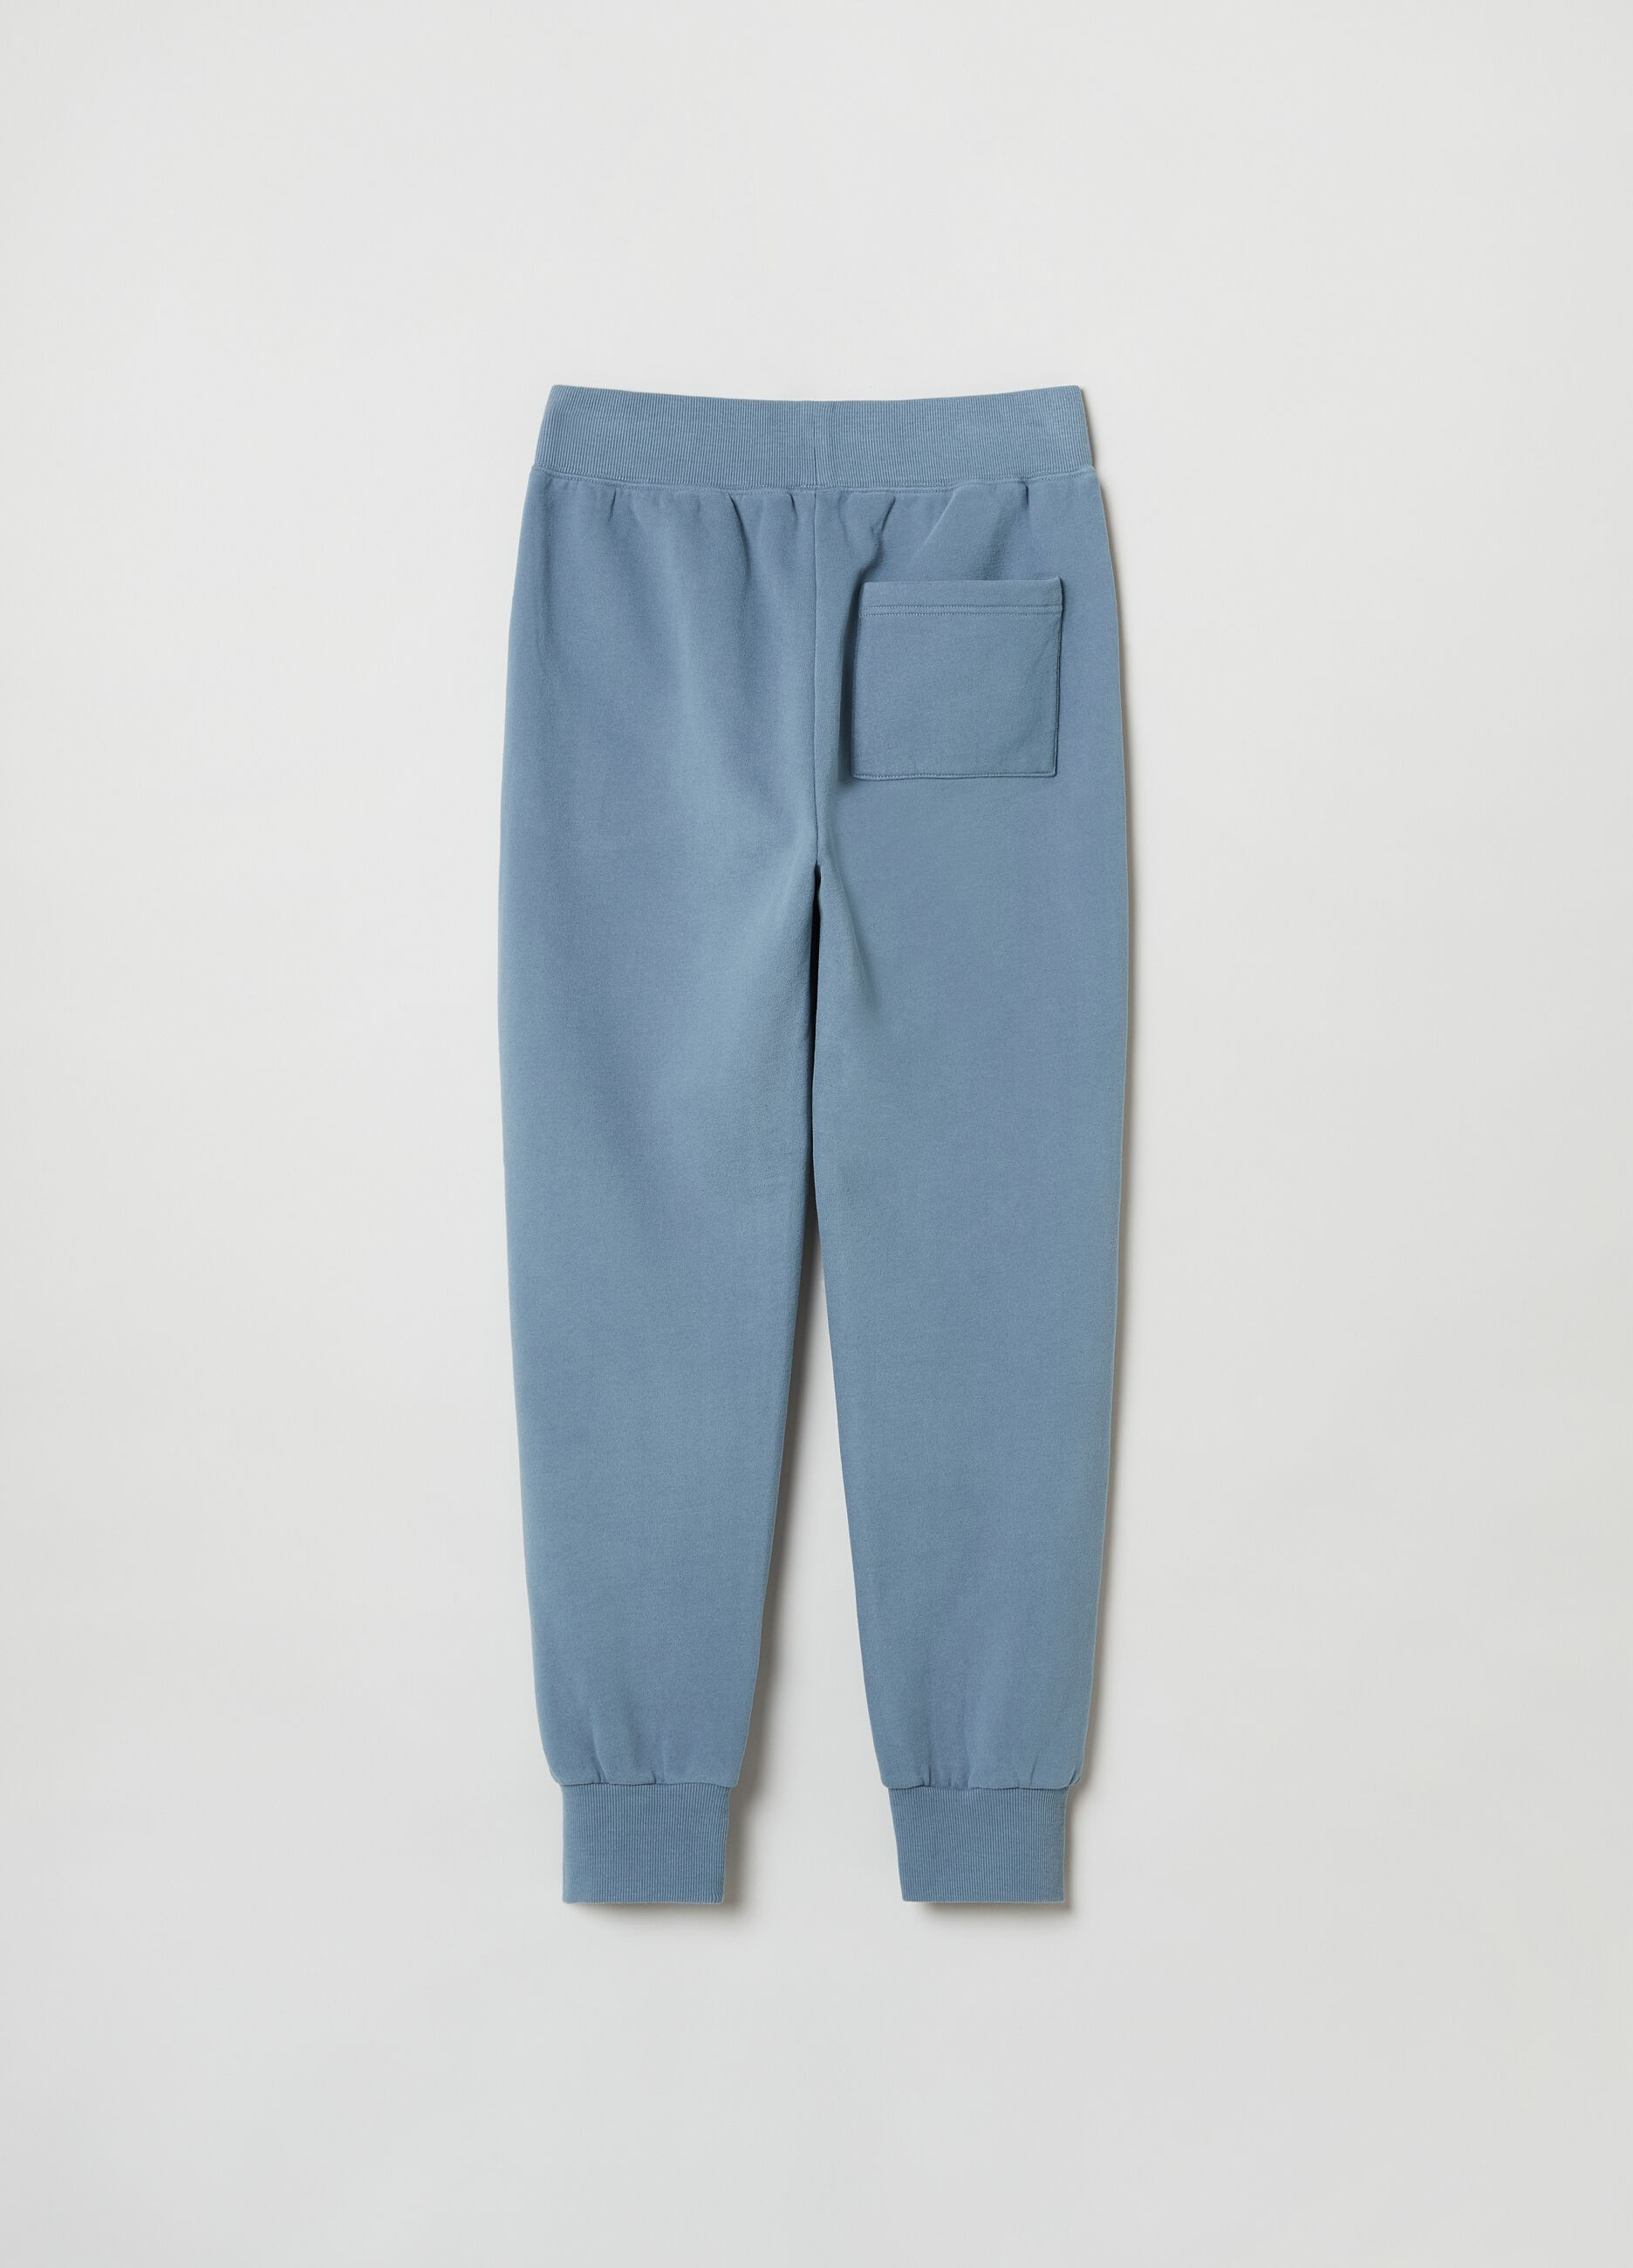 Pantalone jogging in felpa slim fit Blu